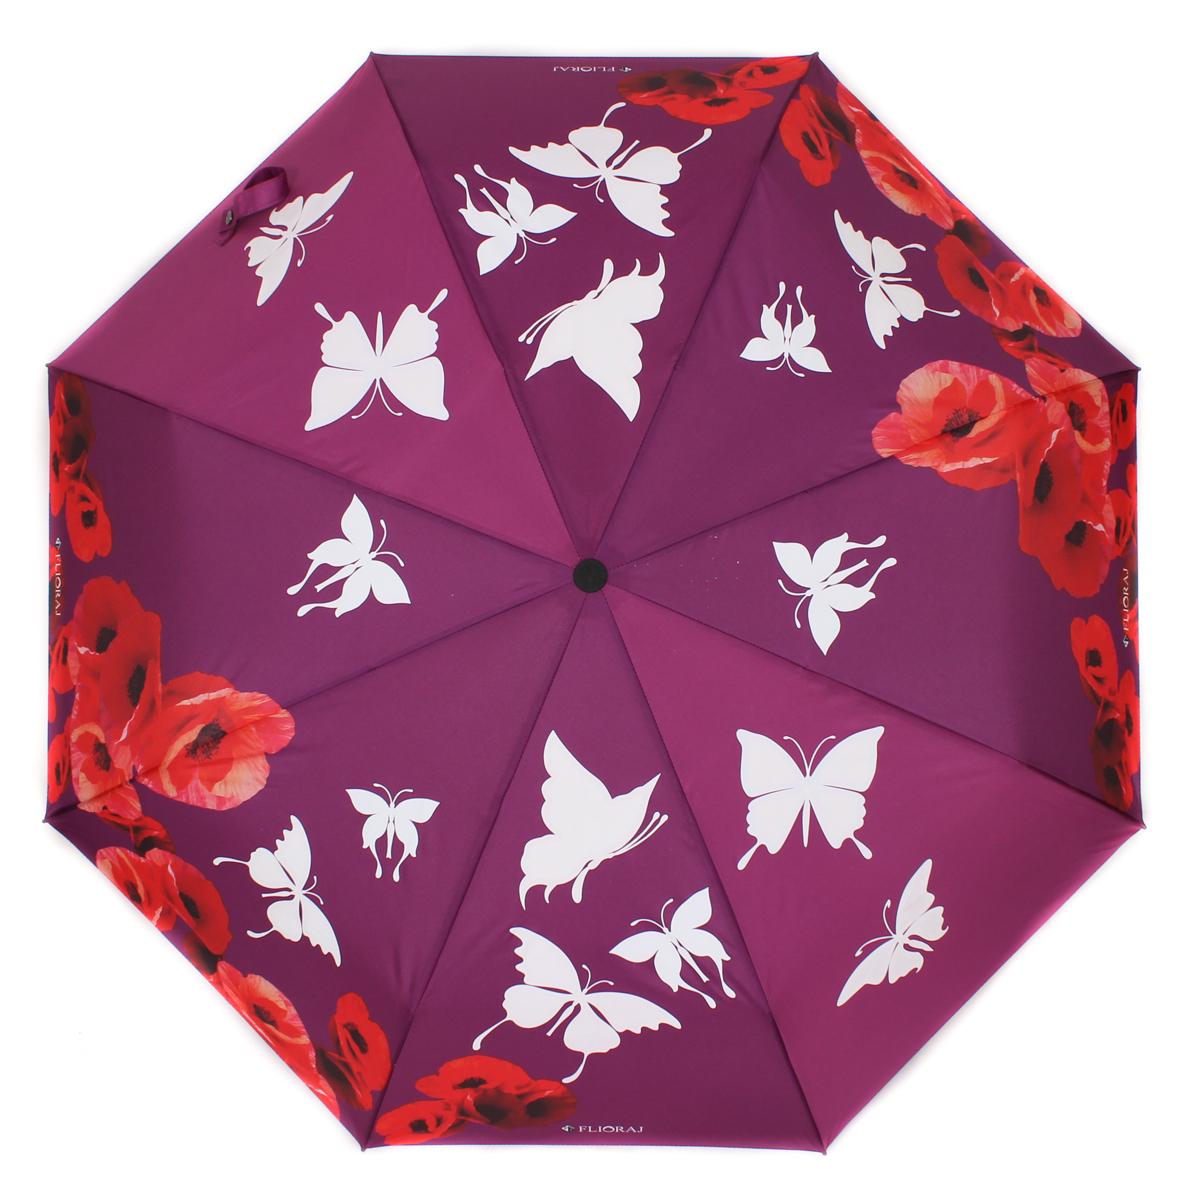 Зонт женский Flioraj, автомат, 3 сложения, цвет: красный, фиолетовый. 210204 FJ210204 FJНеобычный женский зонт расцветает яркими красками под каплями дождя! И вот уже у вас над головой закружил хоровод бабочек. Новый эффект проявления рисунка на разноцветных зонтах. Такого еще не было! Нежные женственные цветы и легкие бабочки придадут легкость вашему образу и весеннее настроение. А качественные материалы купола и каркаса обеспечат надежную защиту. Когда разноцветные элементы вновь становятся белыми, это означает, что зонт полностью высох, и его можно складывать. Уникальный каркас из анодированной стали, карбоновые спицы помогут выдержать натиск ураганного ветра. Оснащен системой антиветер. Улучшенный механизм зонта, максимально комфортная ручка держателя, увеличенный на 4,5 см стержень, тефлоновая пропитка материала купола - совершенство конструкции с изысканностью изделия на фоне конкурентоспособной цены.